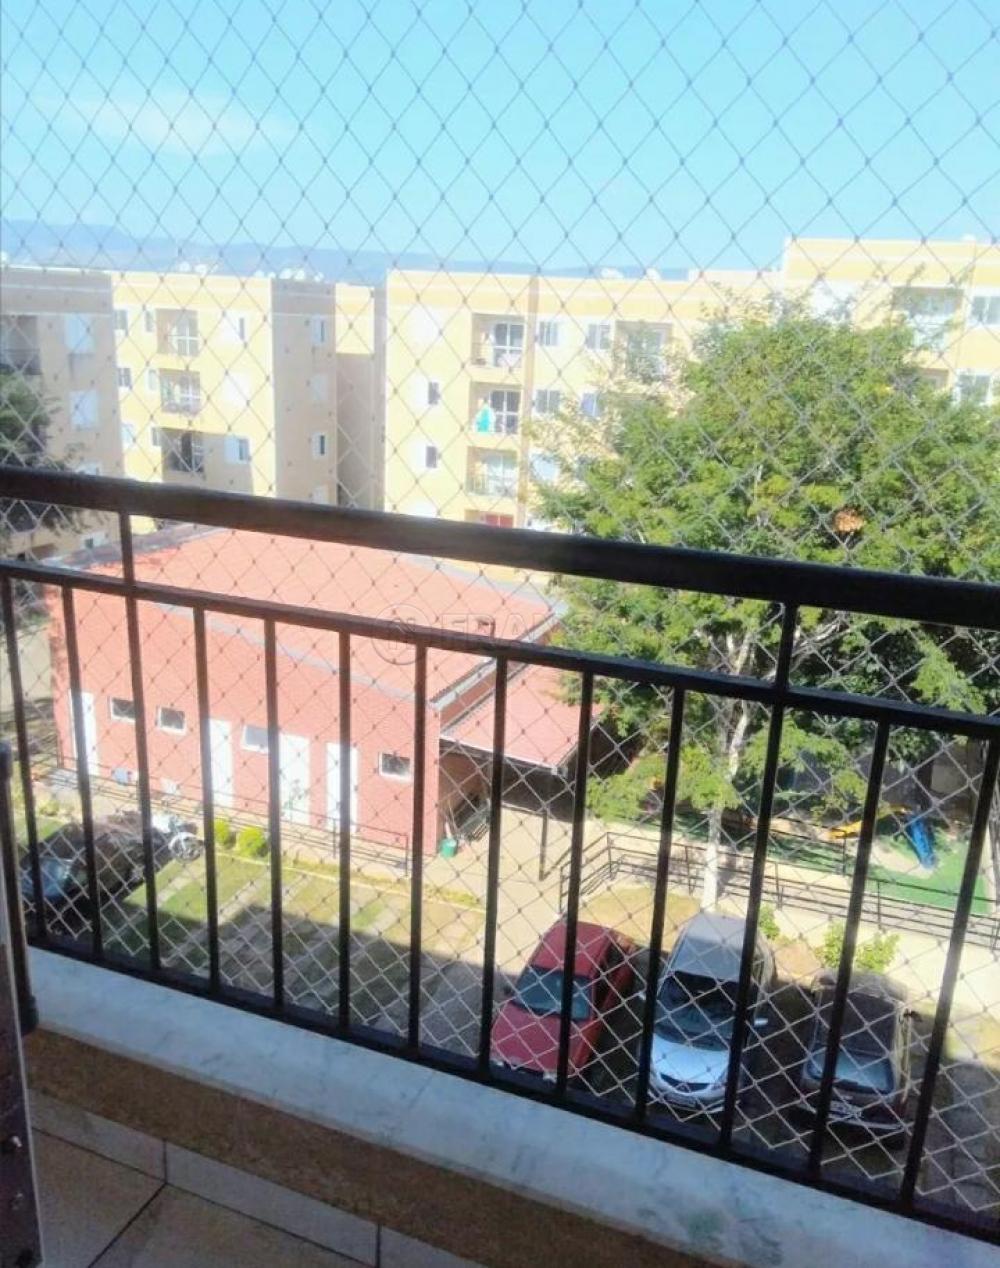 Comprar Apartamento / Padrão em São José dos Campos apenas R$ 180.200,00 - Foto 8